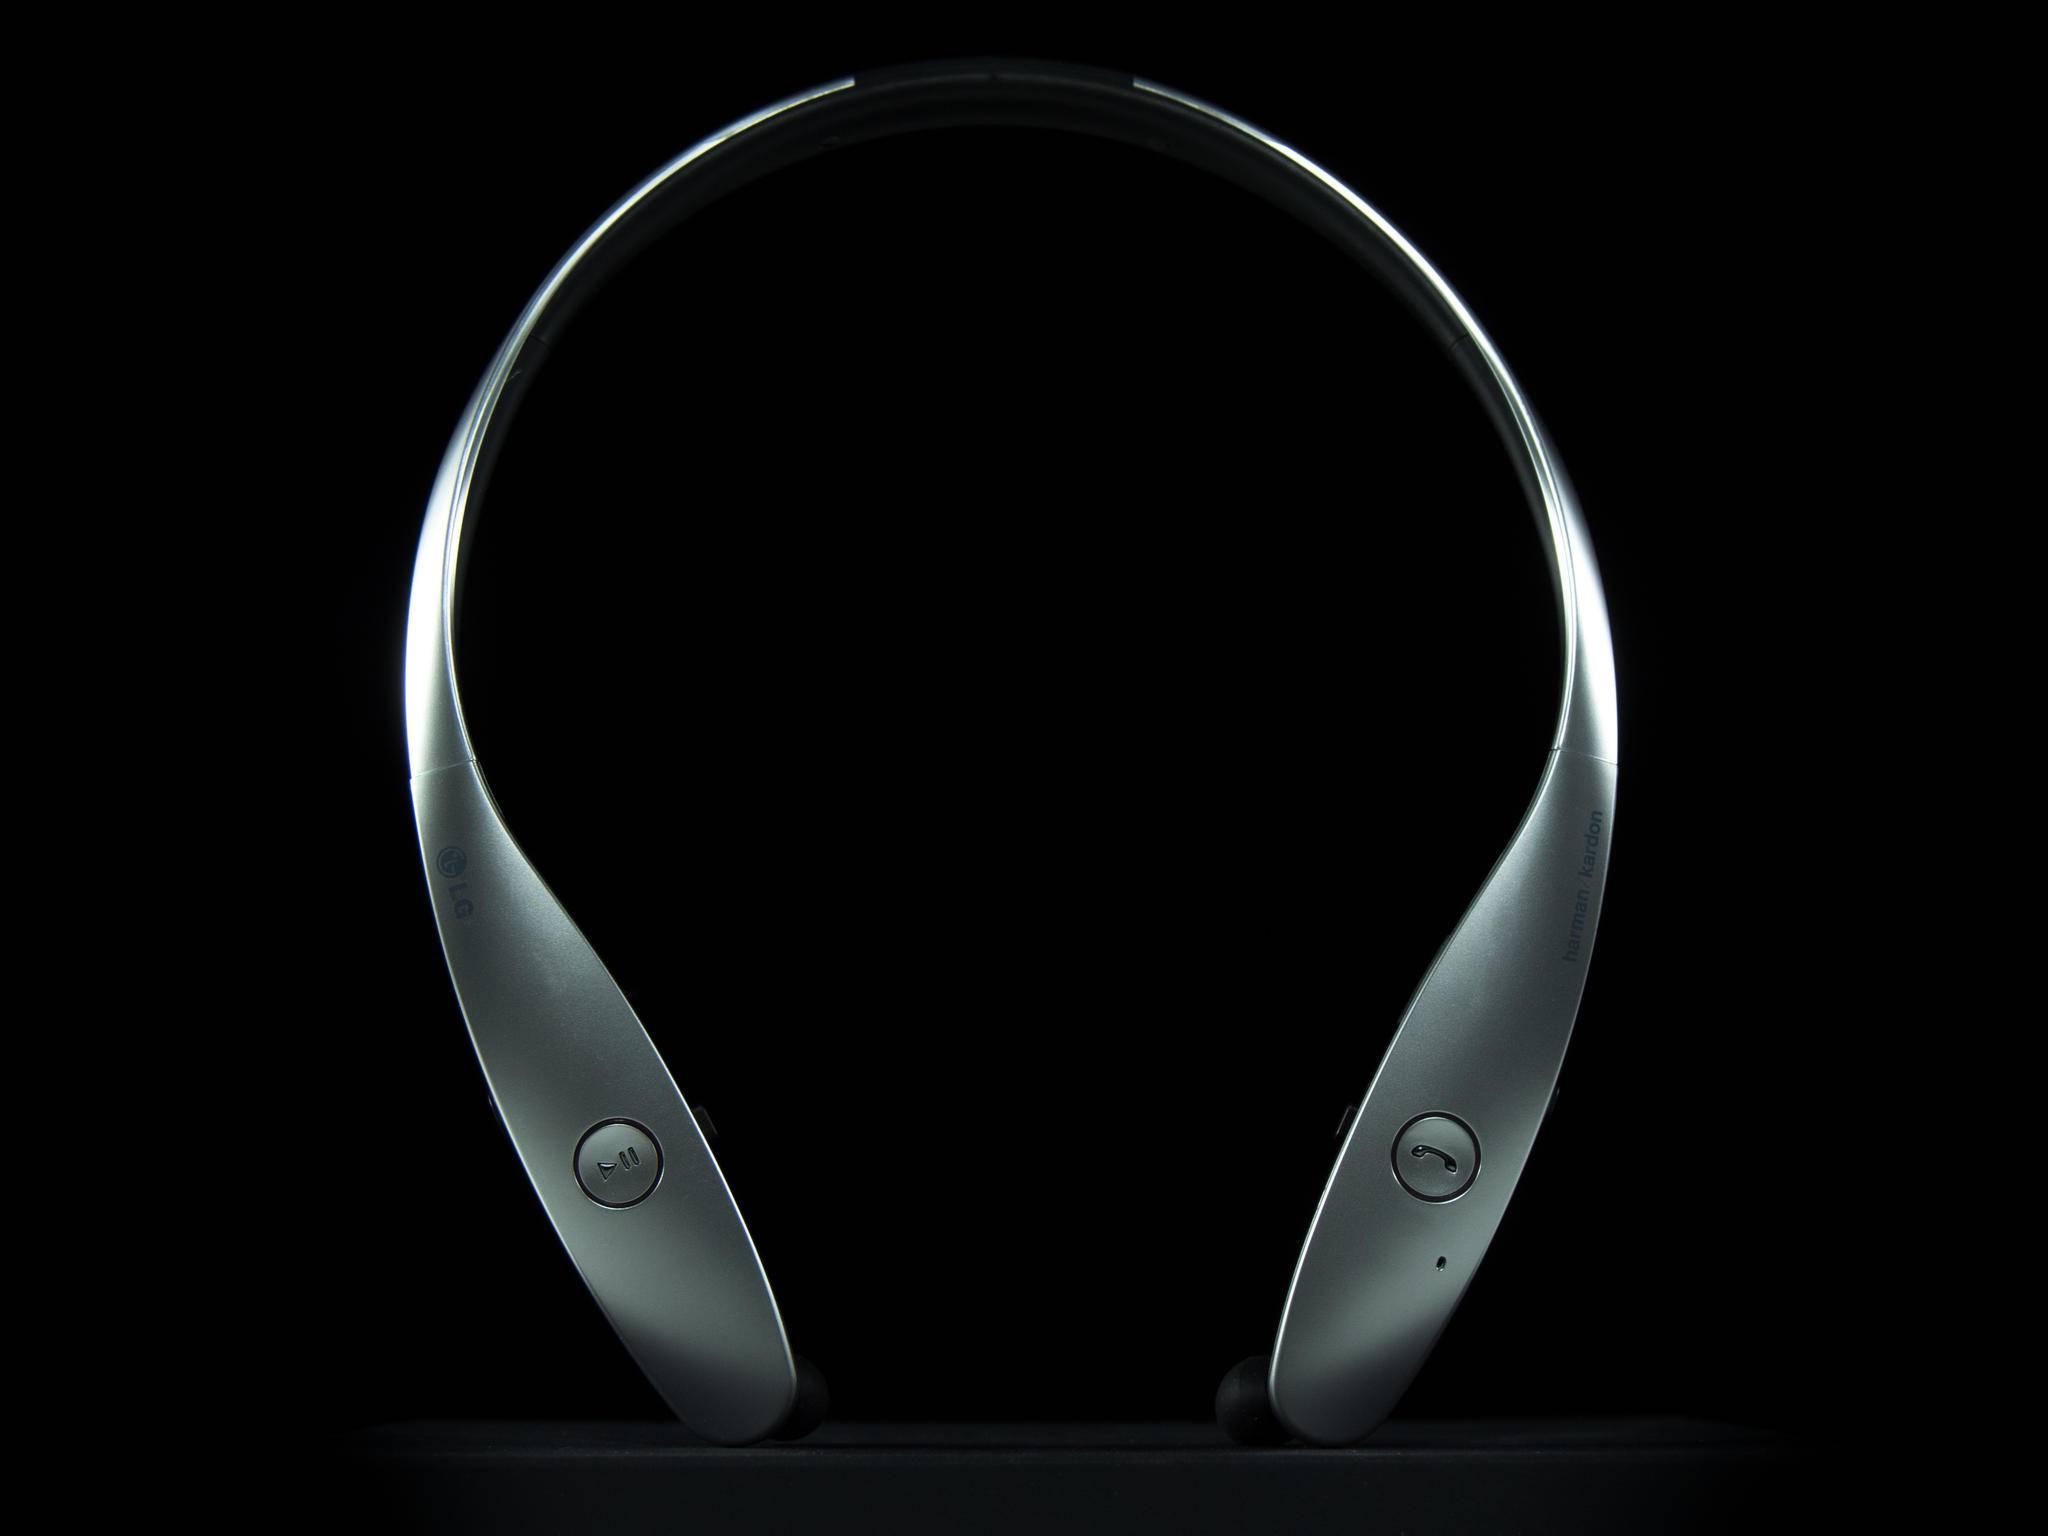 Der LG Tone Infinim besticht mit seinem spacigen Design.